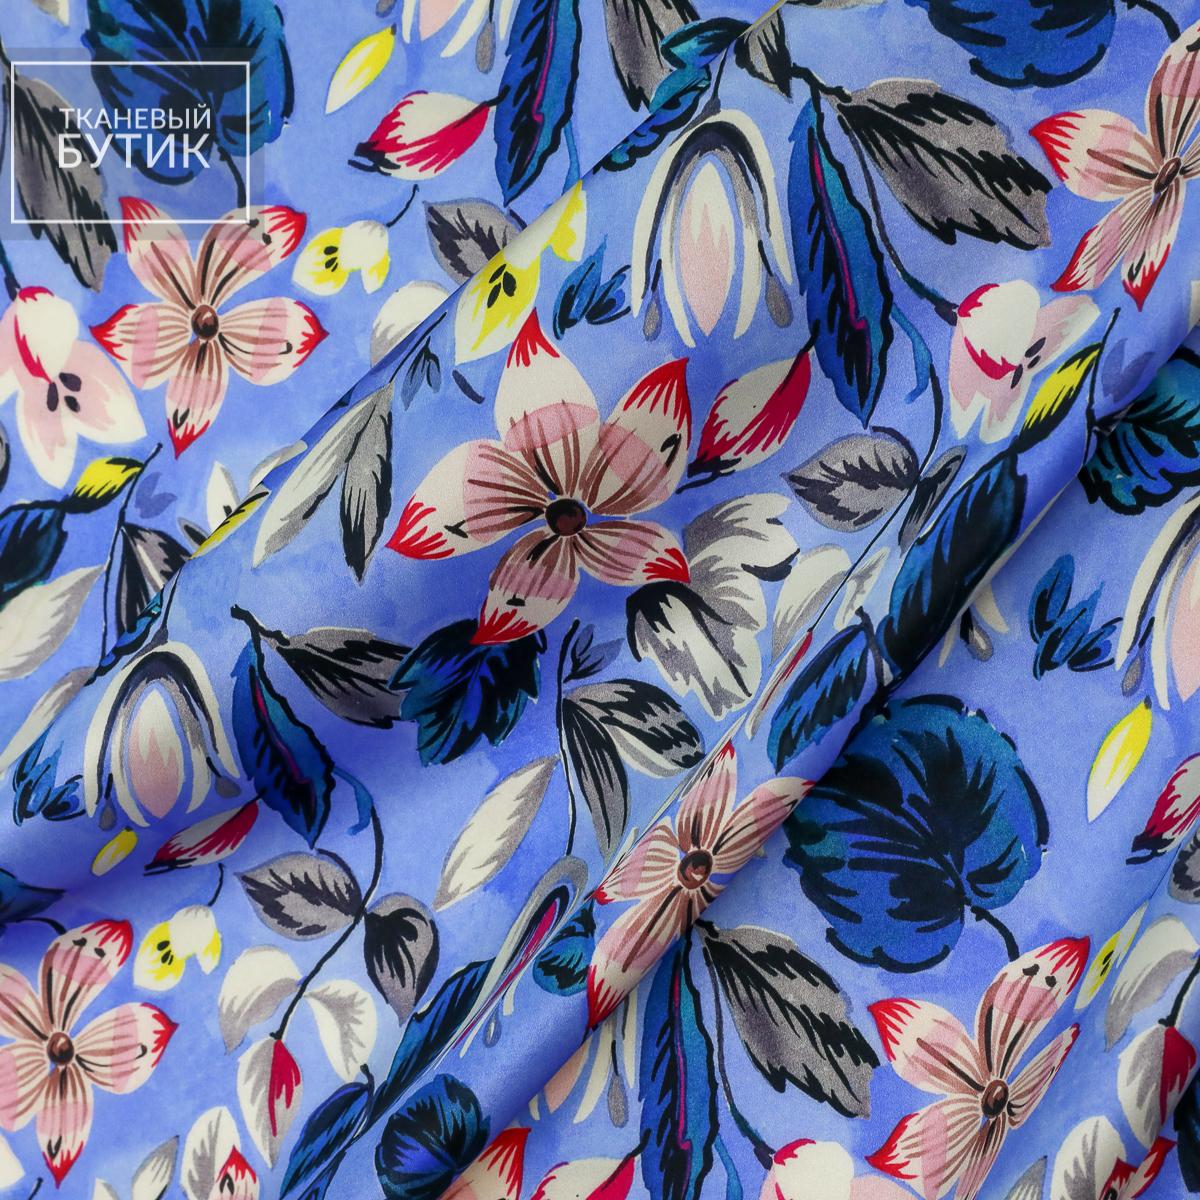 Атласный сине-голубой шелк с яркими цветочными элементами